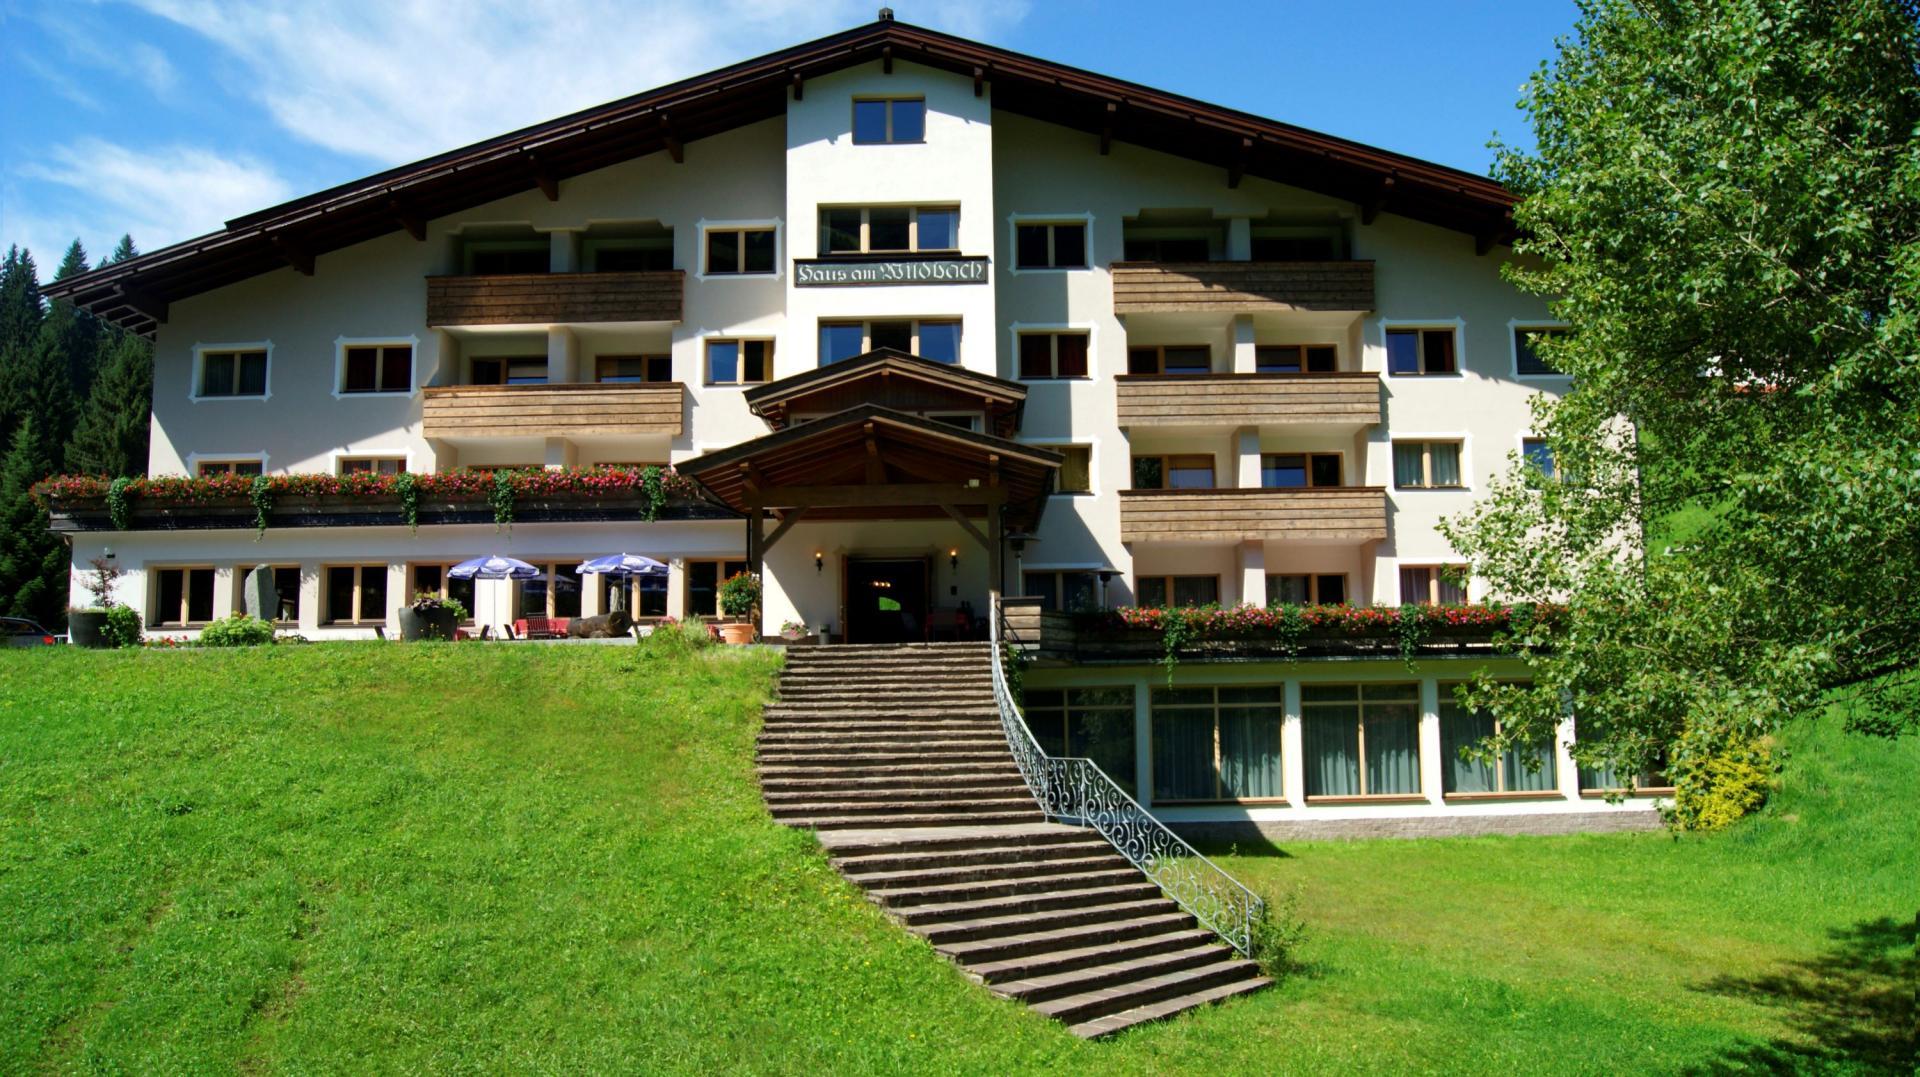 Haus am Wildbach #Willkommen#Bildergalerie#Sommer